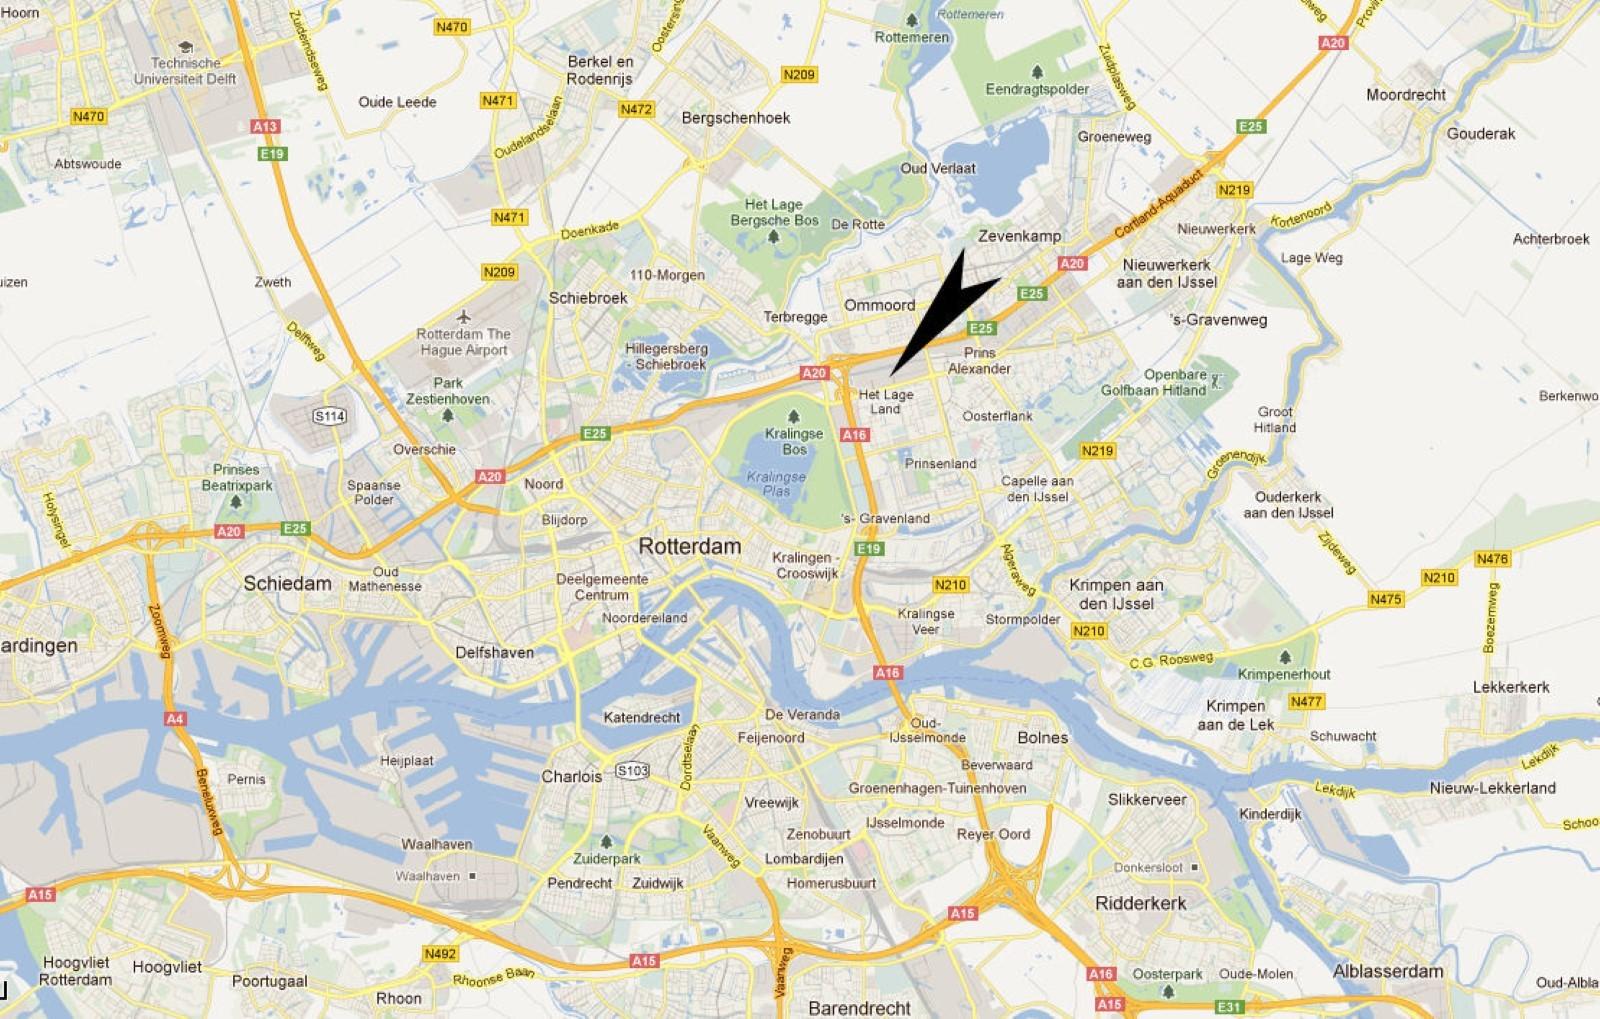 Europa kaart met stedendating